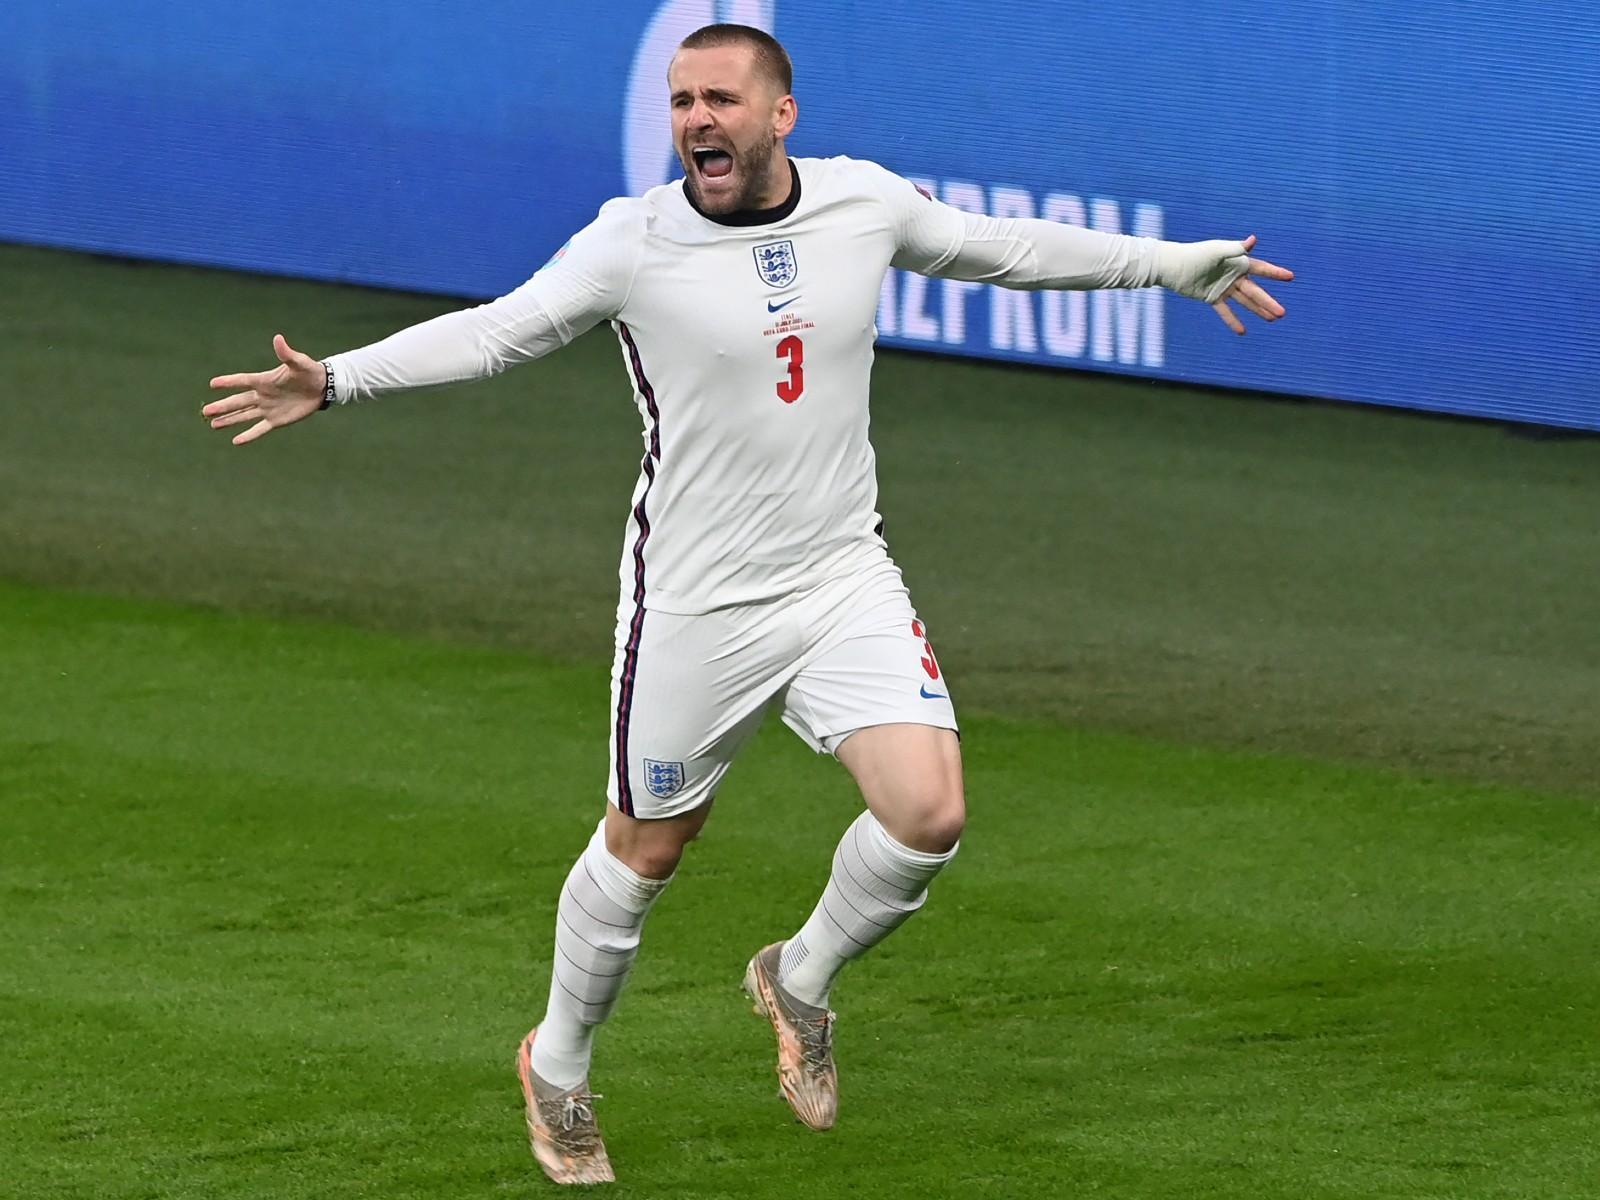 Eb 2020: az angol védő három meccsen is törött bordával játszott